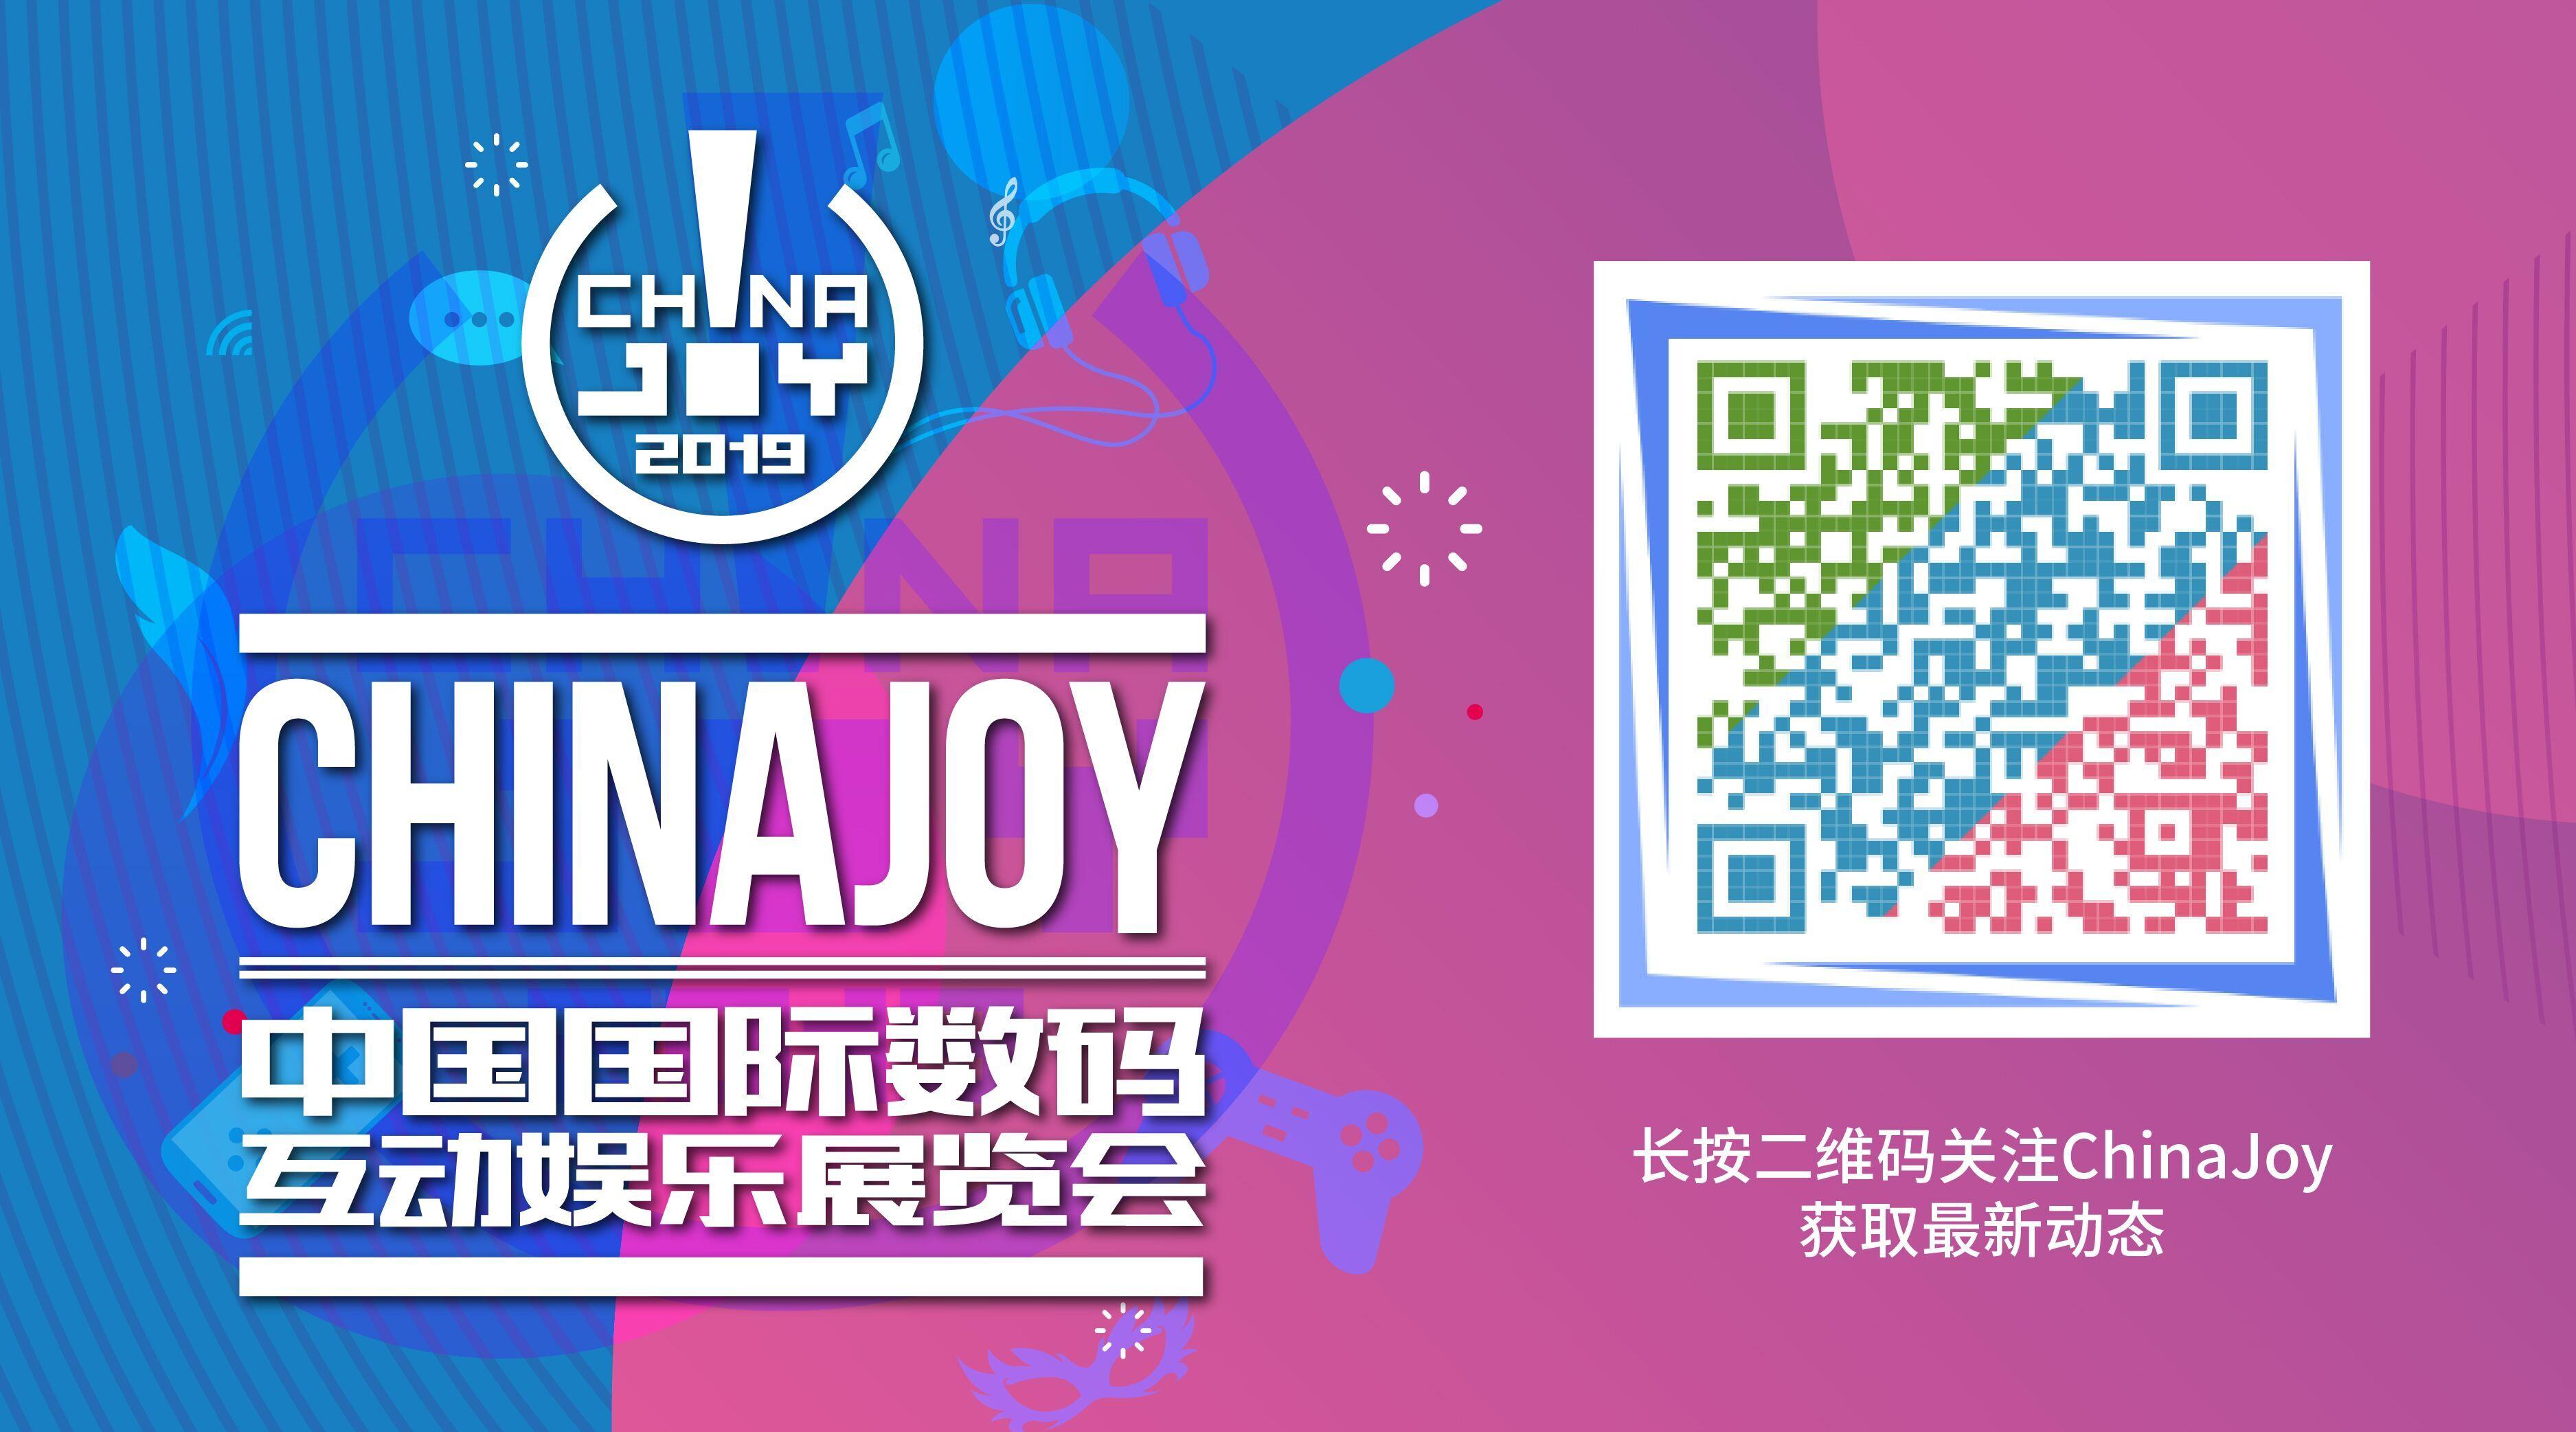 愉悦推首次亮相2019ChinaJoyBTOB,呈现移动无限可能